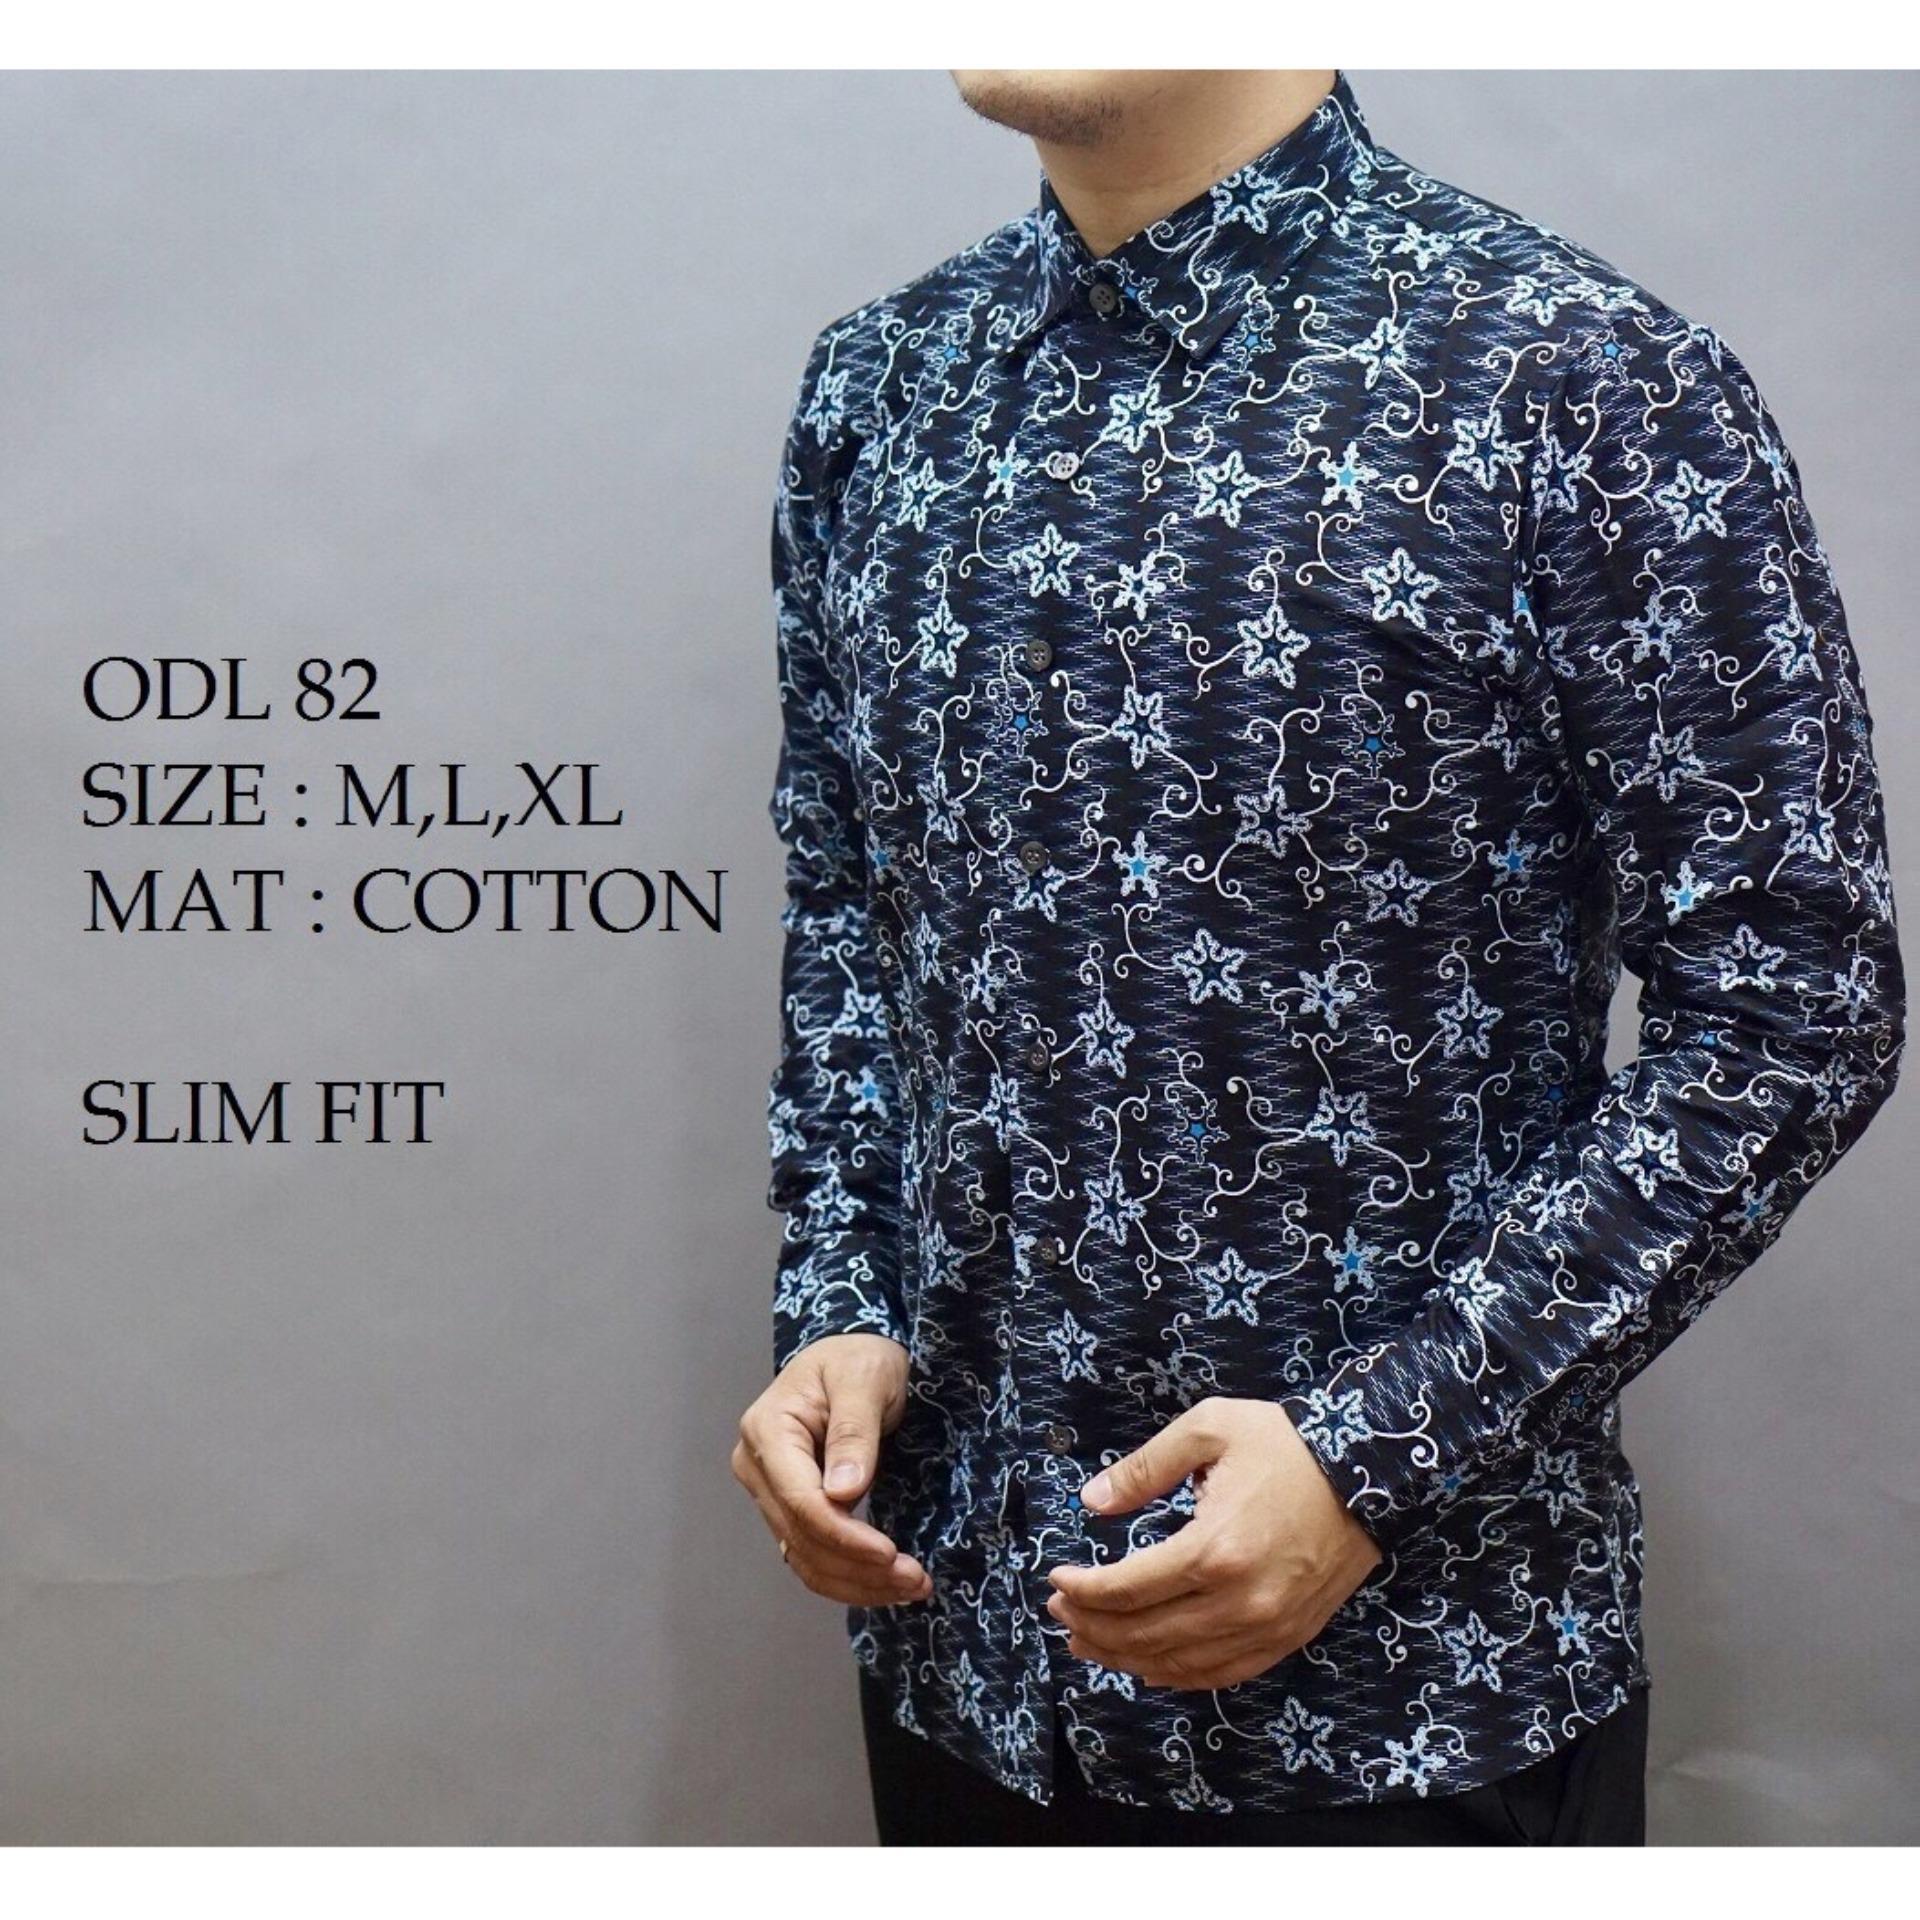 Fitur Baju Kemeja Batik Pria Slimfit Motif Modern Bahan Lembut Dan Stephen Adem Tidak Mudah Luntur Terbaru 2018